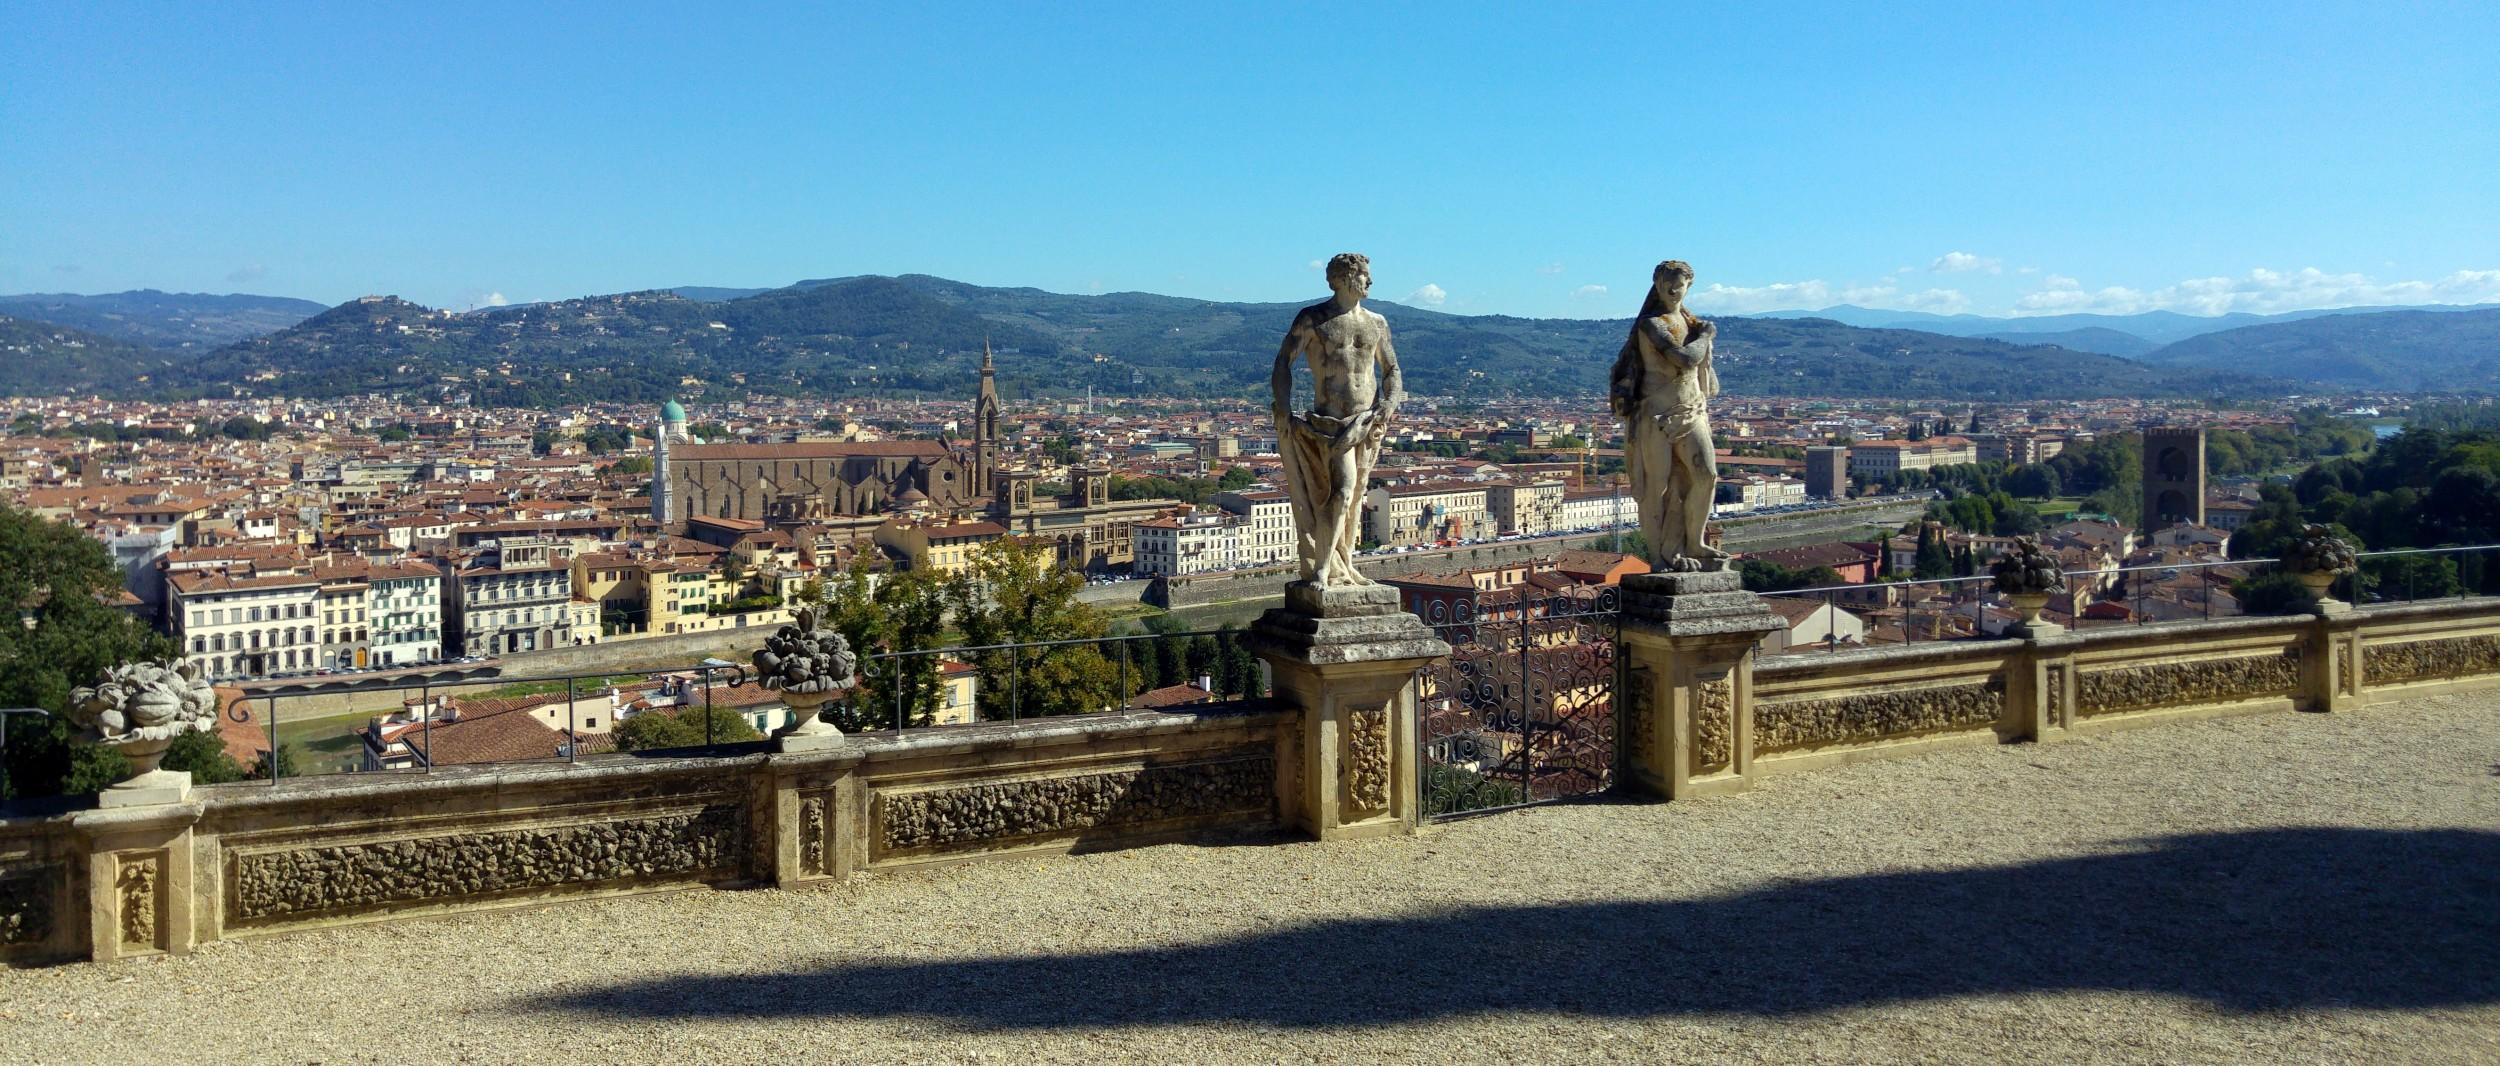 Giardino Bardini  Florence  Visions Of Travel